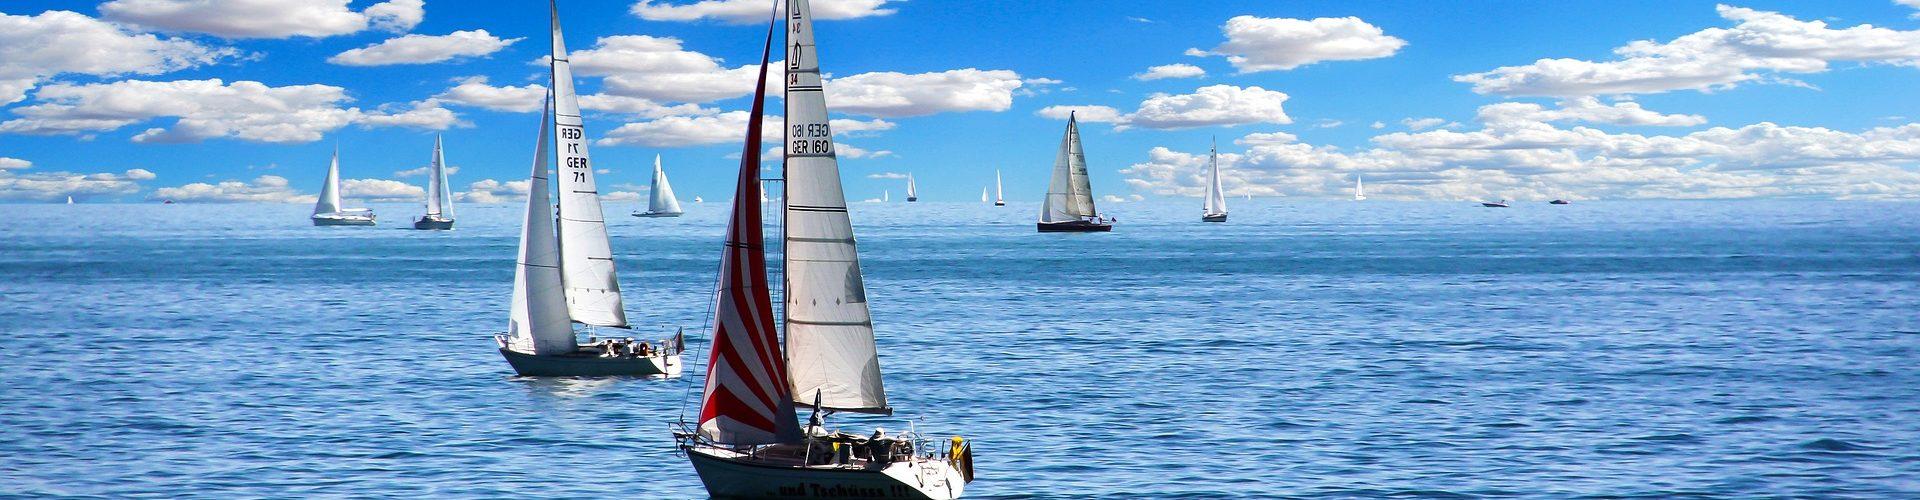 segeln lernen in Hörnum segelschein machen in Hörnum 1920x500 - Segeln lernen in Hörnum